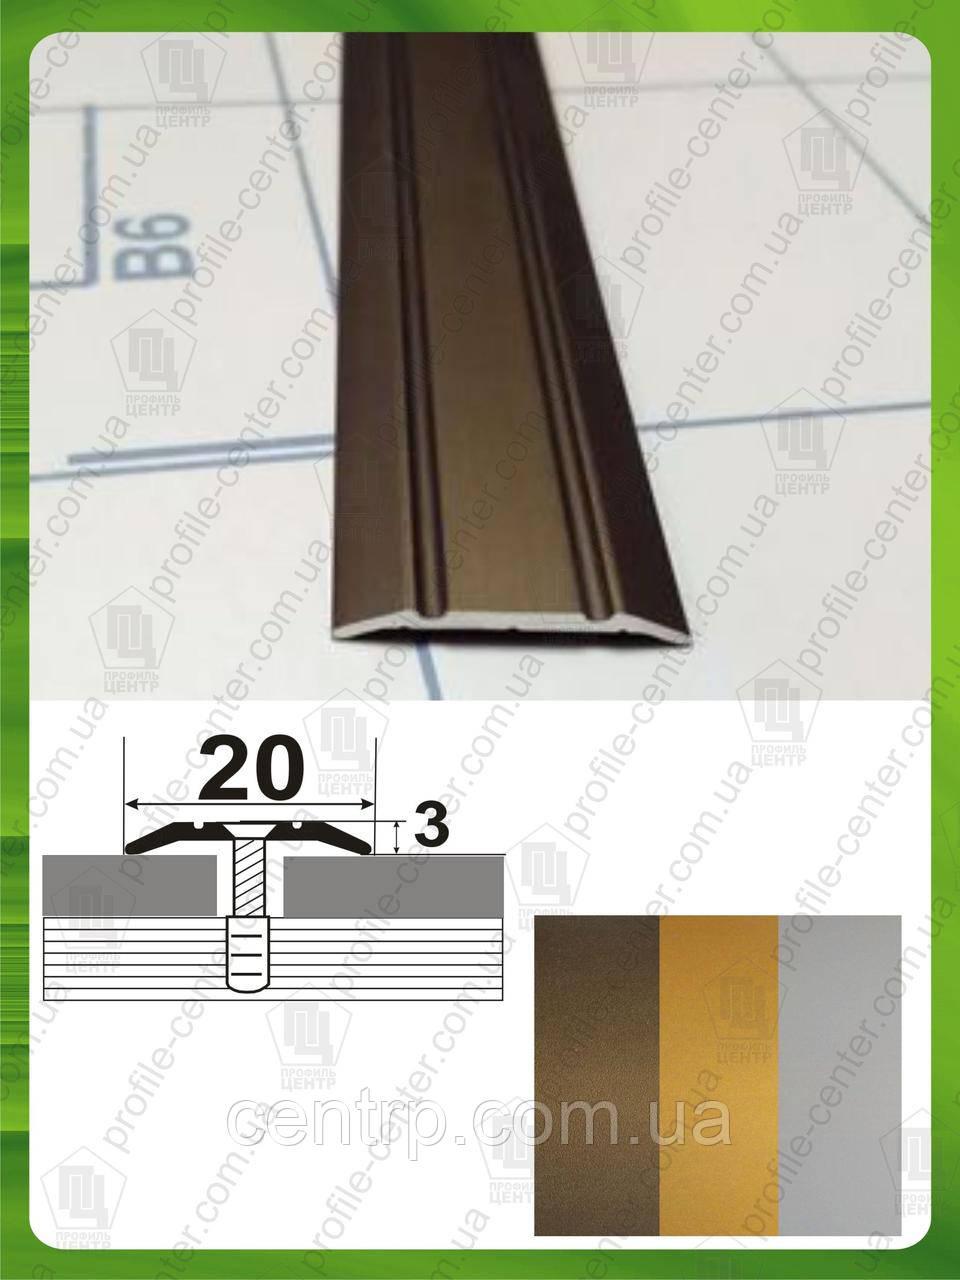 Стыковочный порожек для пола 20 мм. АП 002